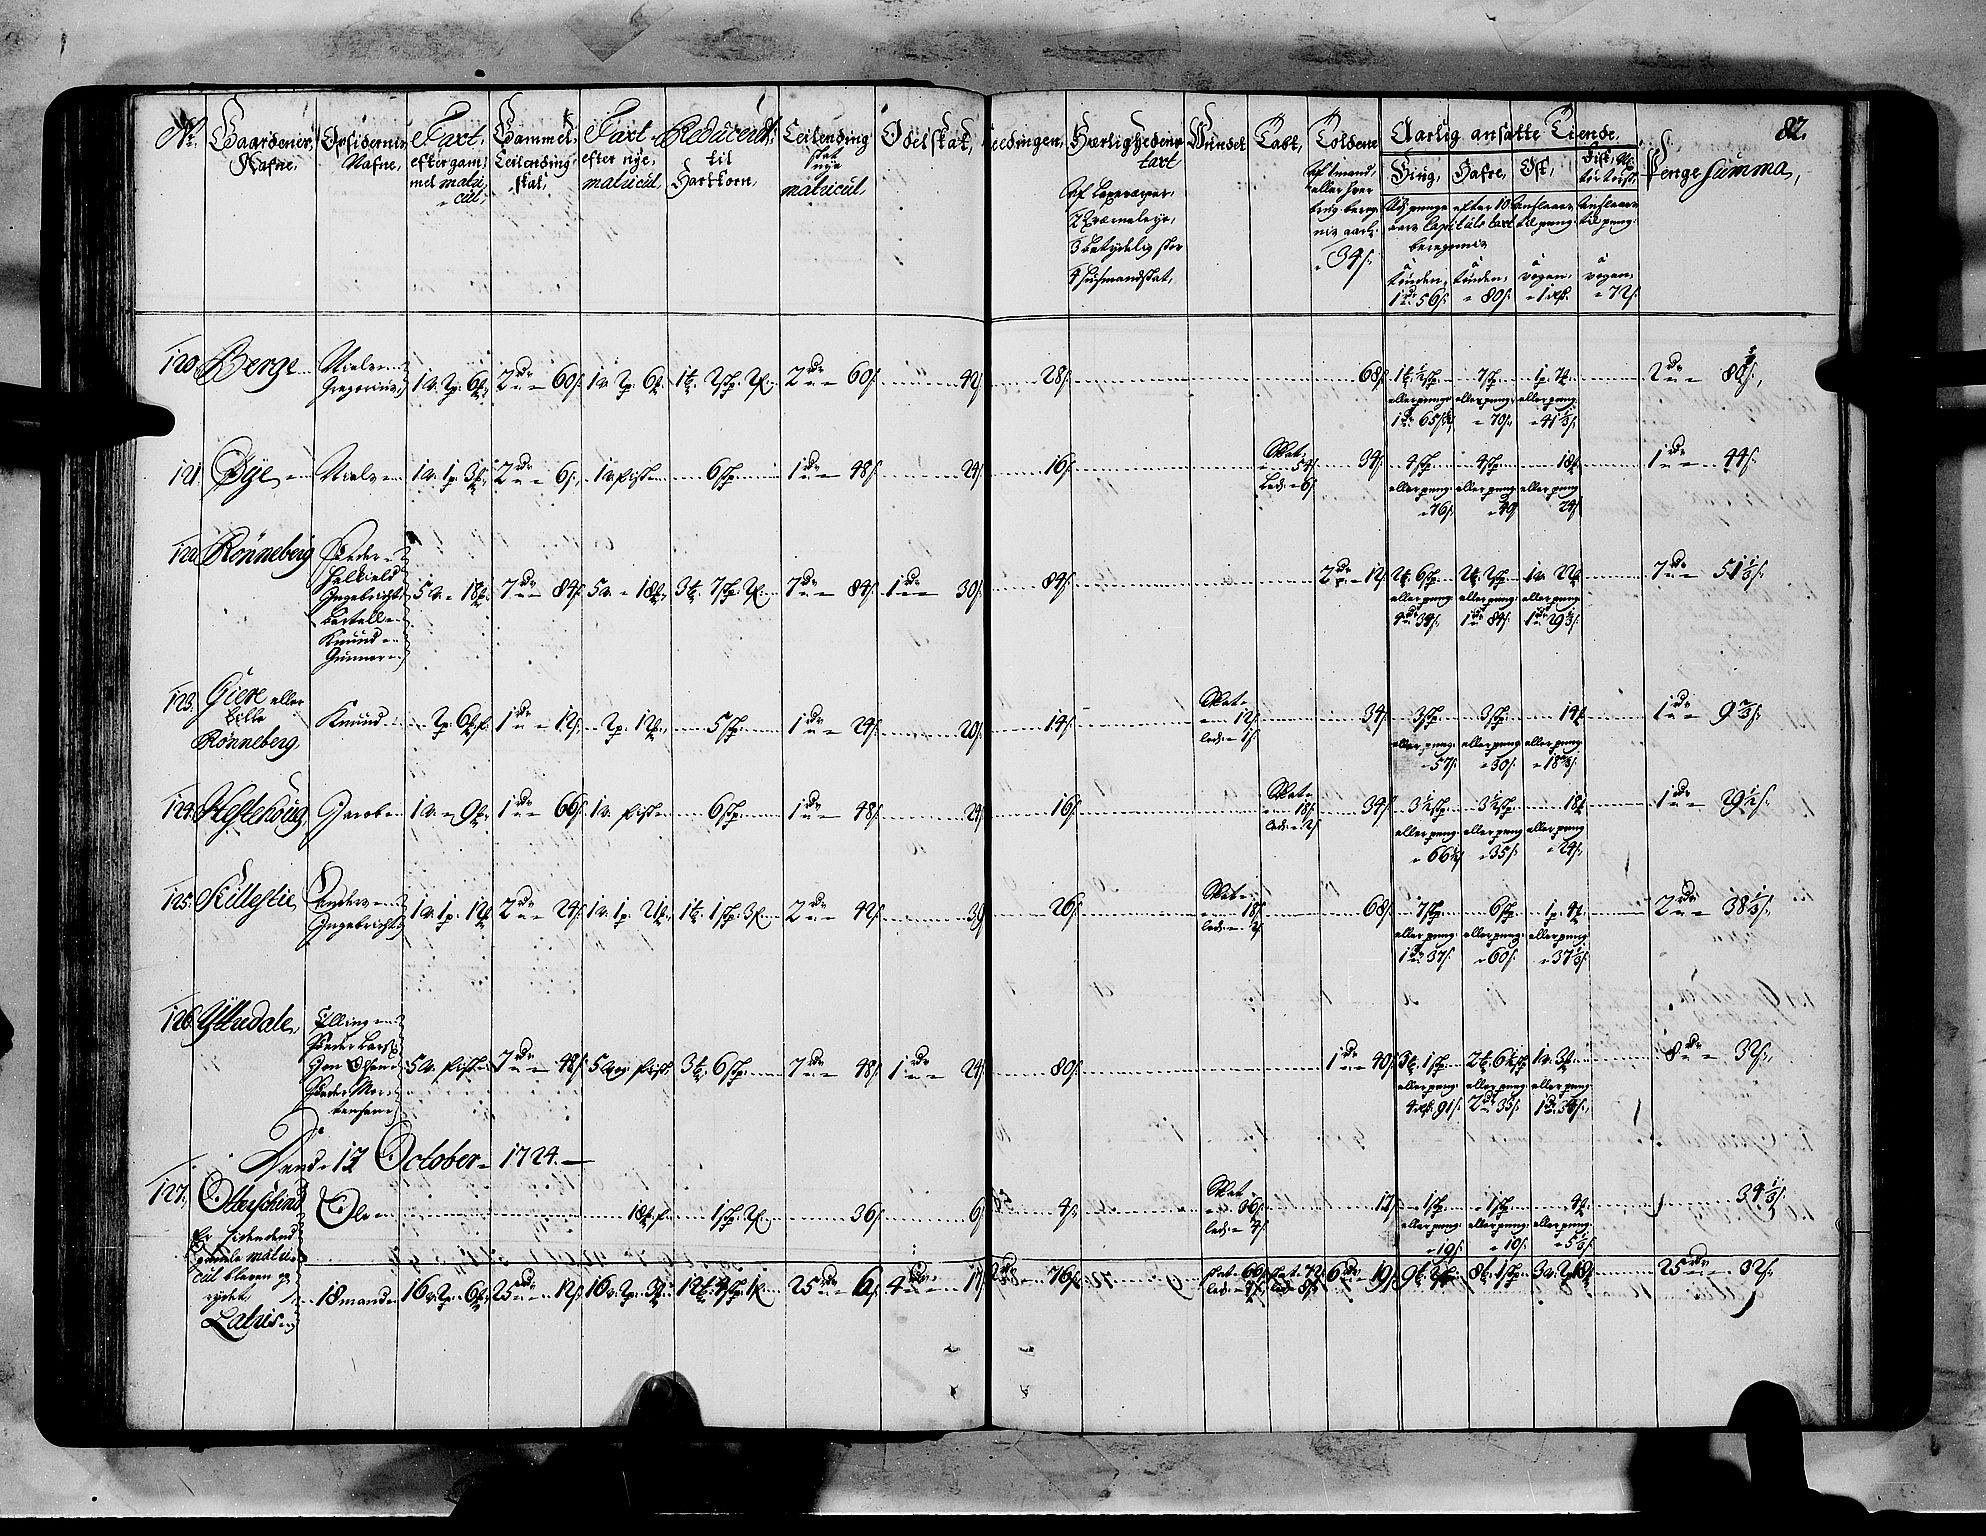 RA, Rentekammeret inntil 1814, Realistisk ordnet avdeling, N/Nb/Nbf/L0151: Sunnmøre matrikkelprotokoll, 1724, s. 86